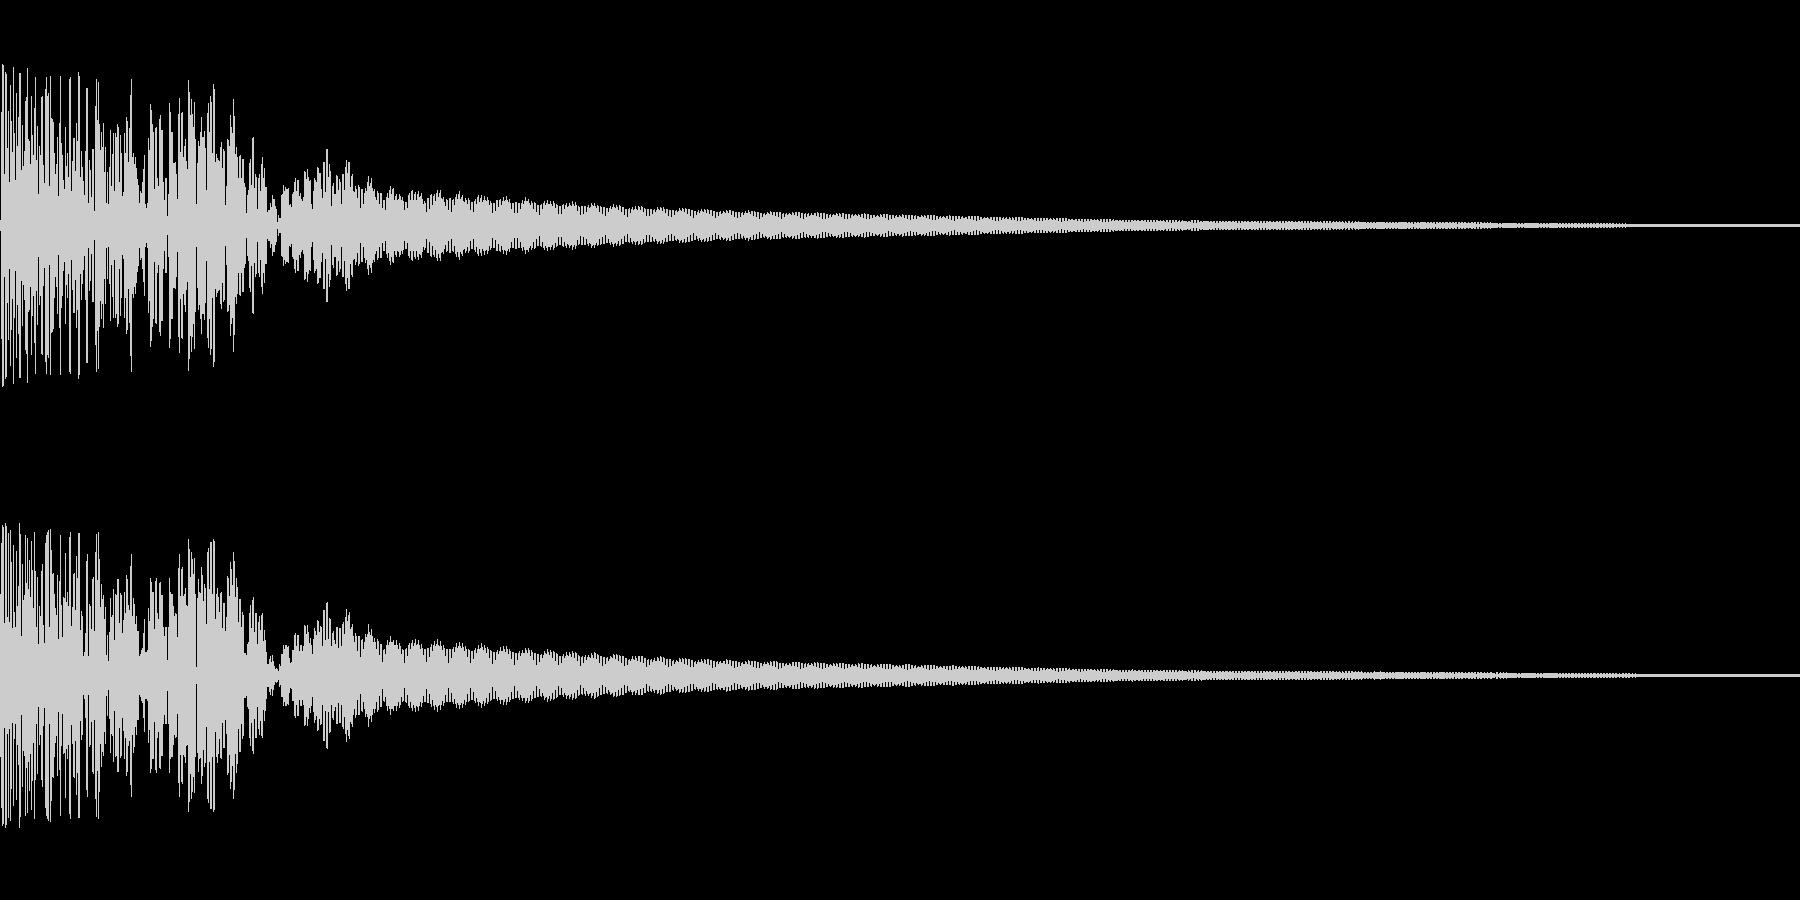 和太鼓でドン(生演奏)の未再生の波形